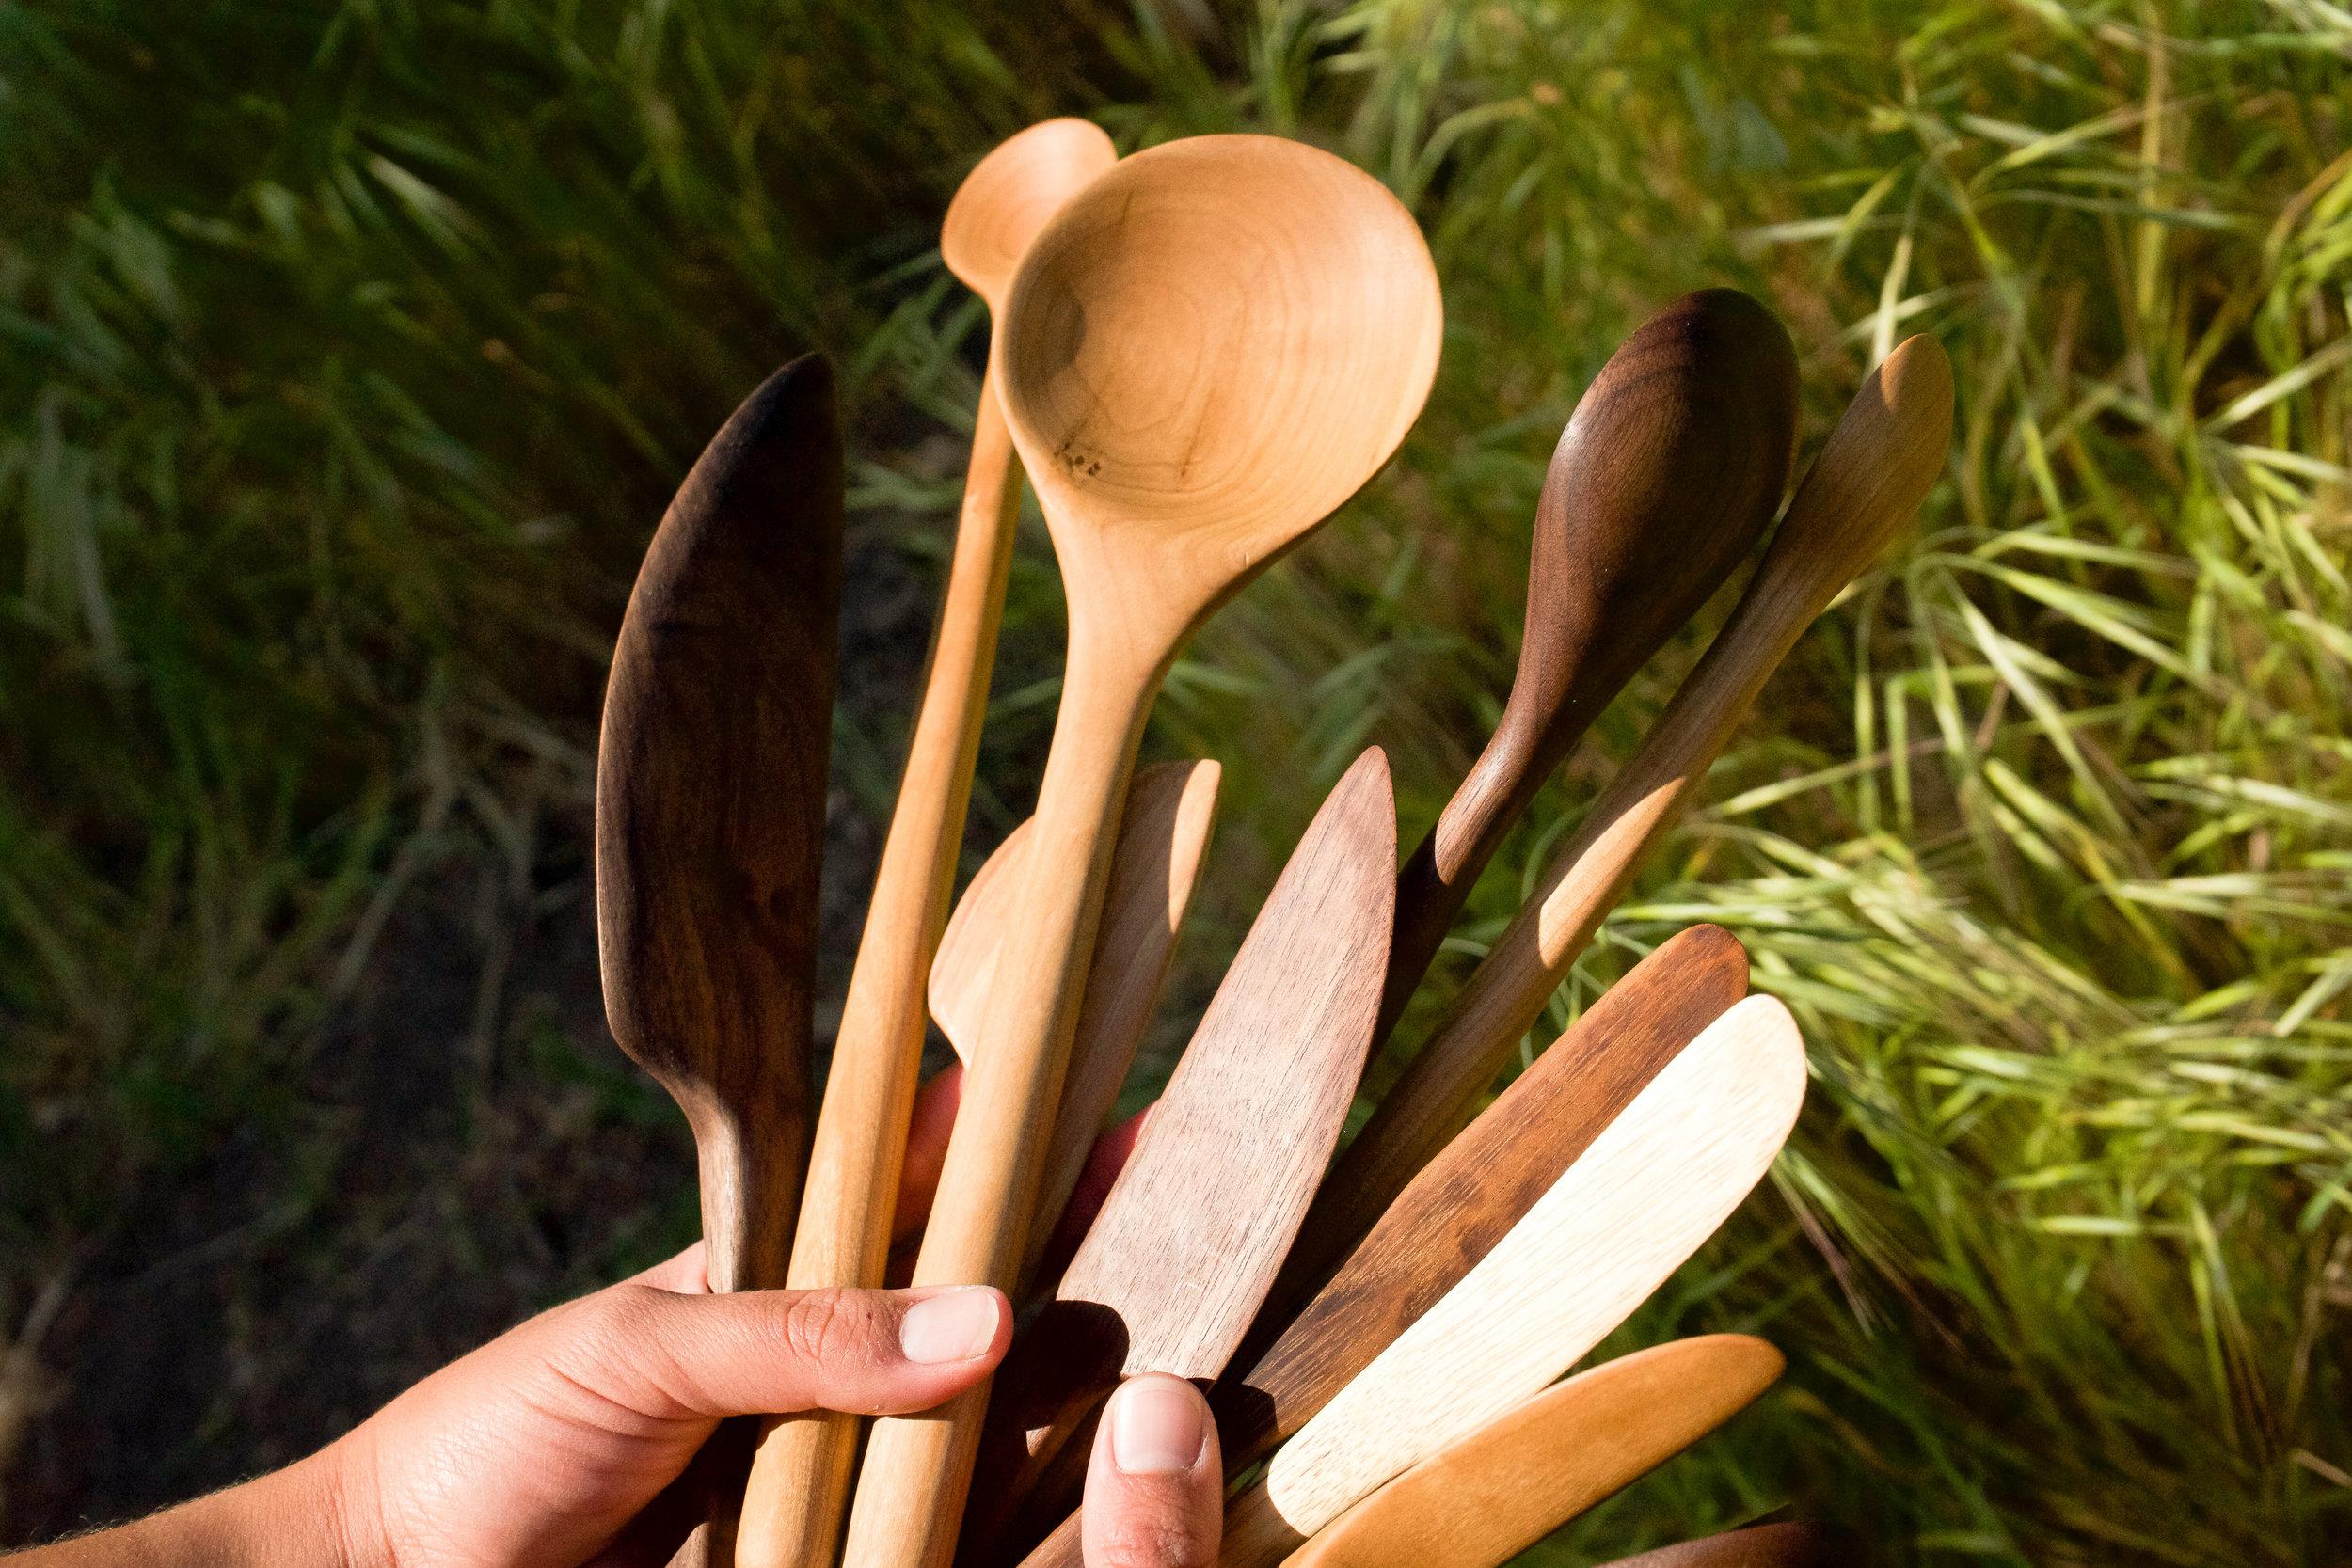 Assorted Wooden Utensils